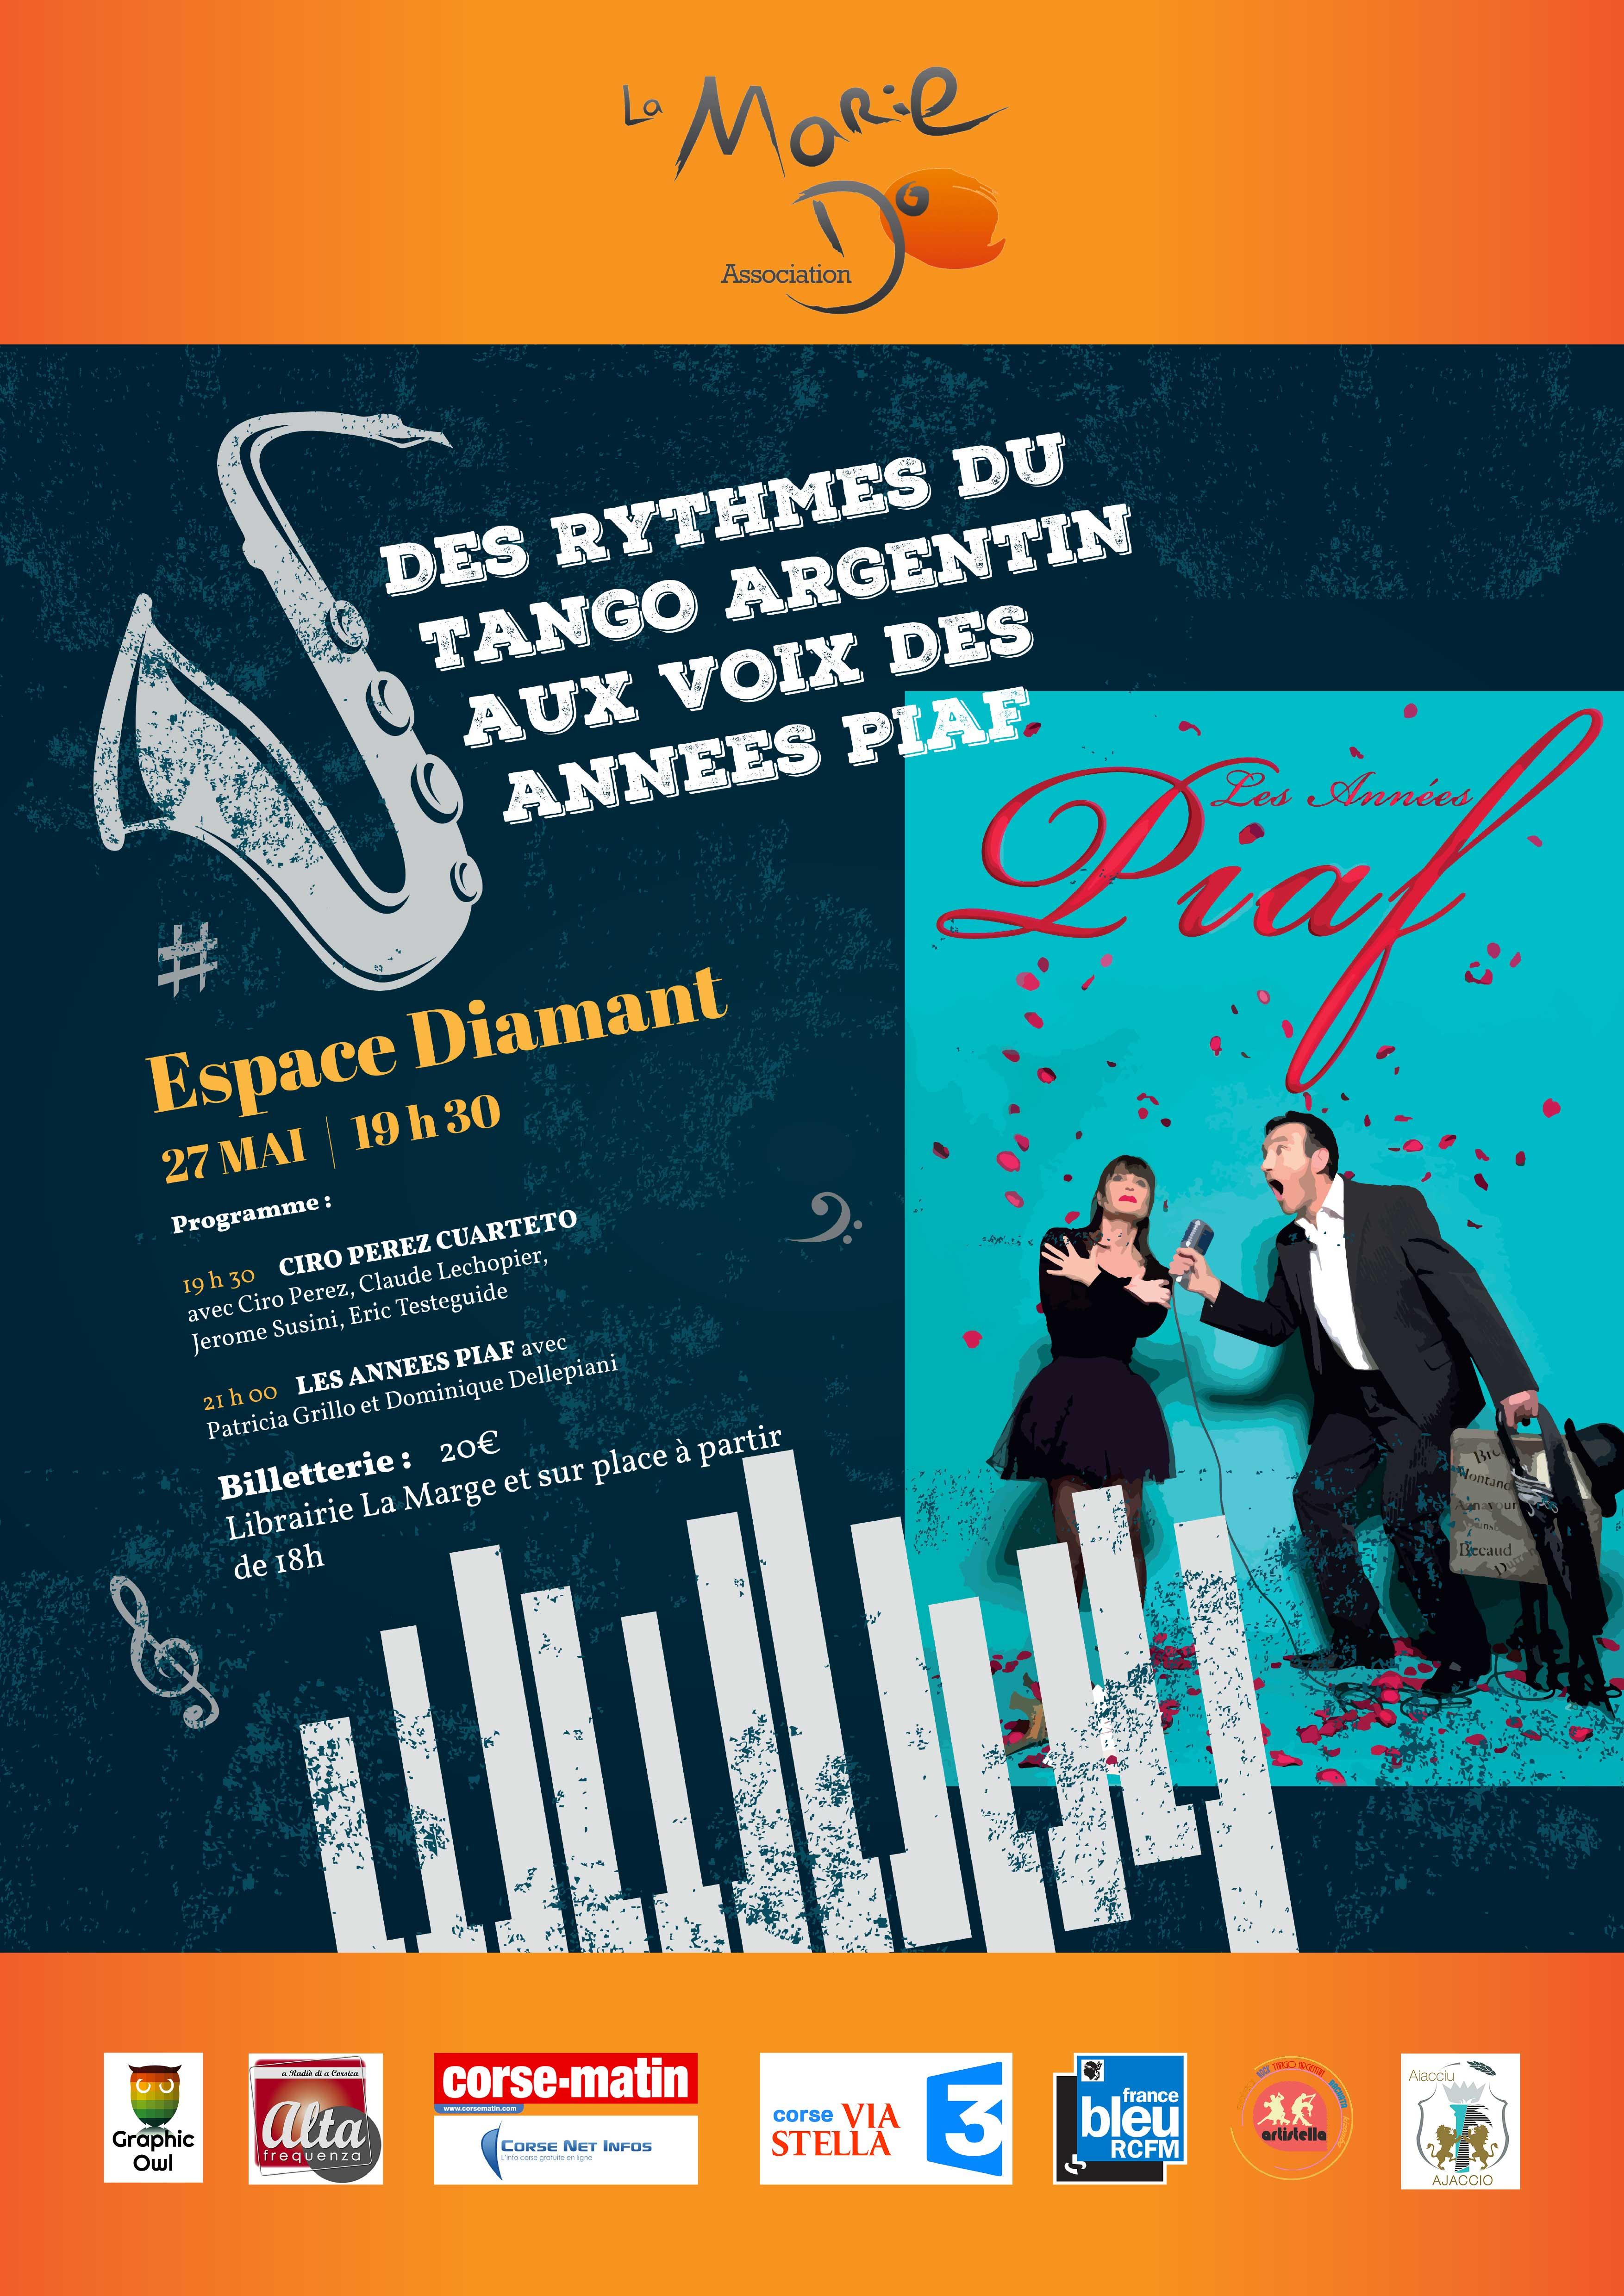 Soirée les Années Piaf au profit de la Marie Do le 27 mai à l'Espace Diamant